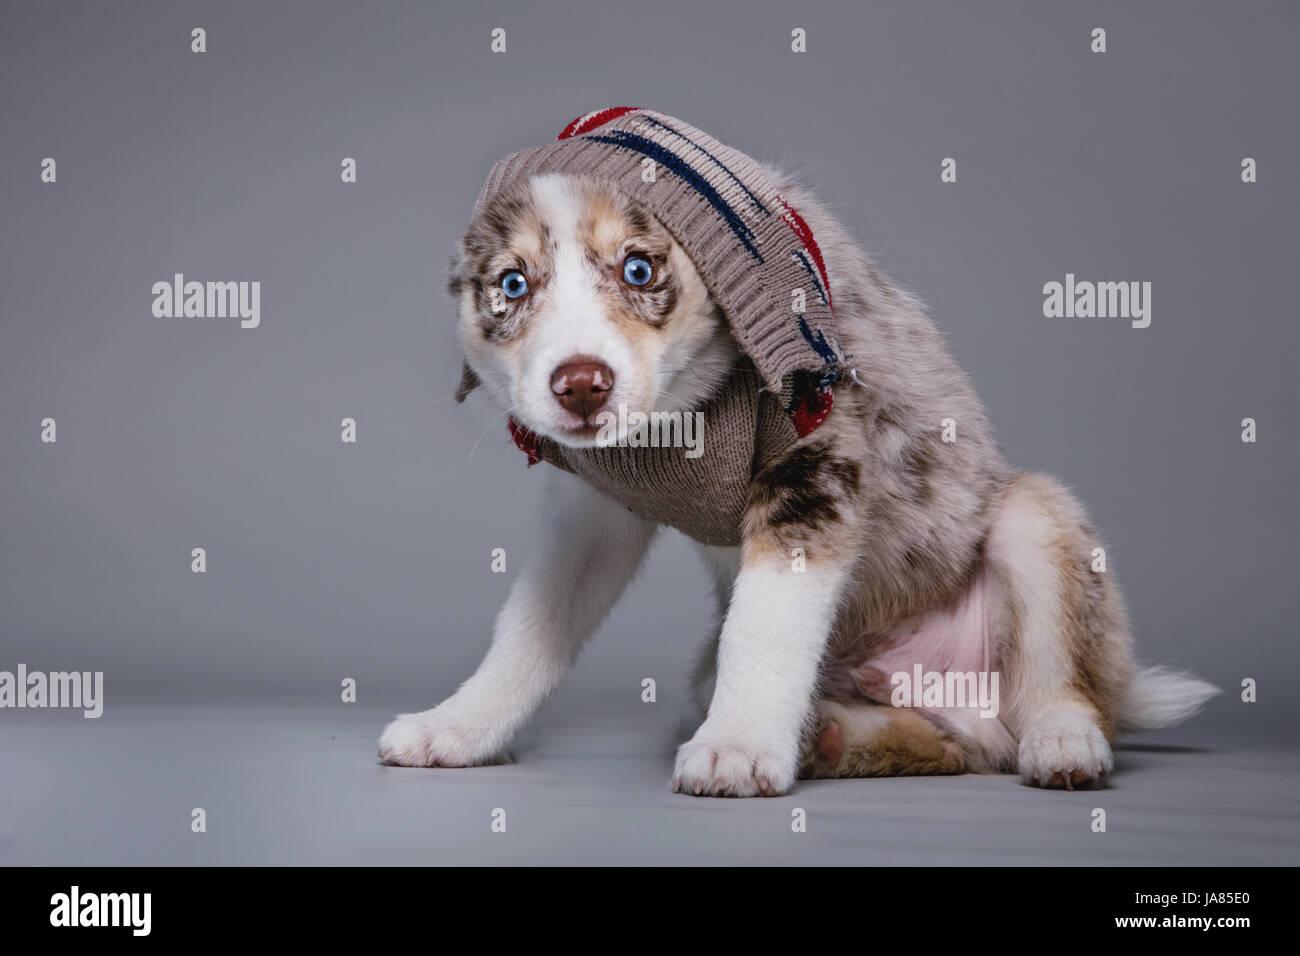 Portrait de Pomsky chiot avec un pull tiré au-dessus de sa tête, regardant la caméra. Banque D'Images